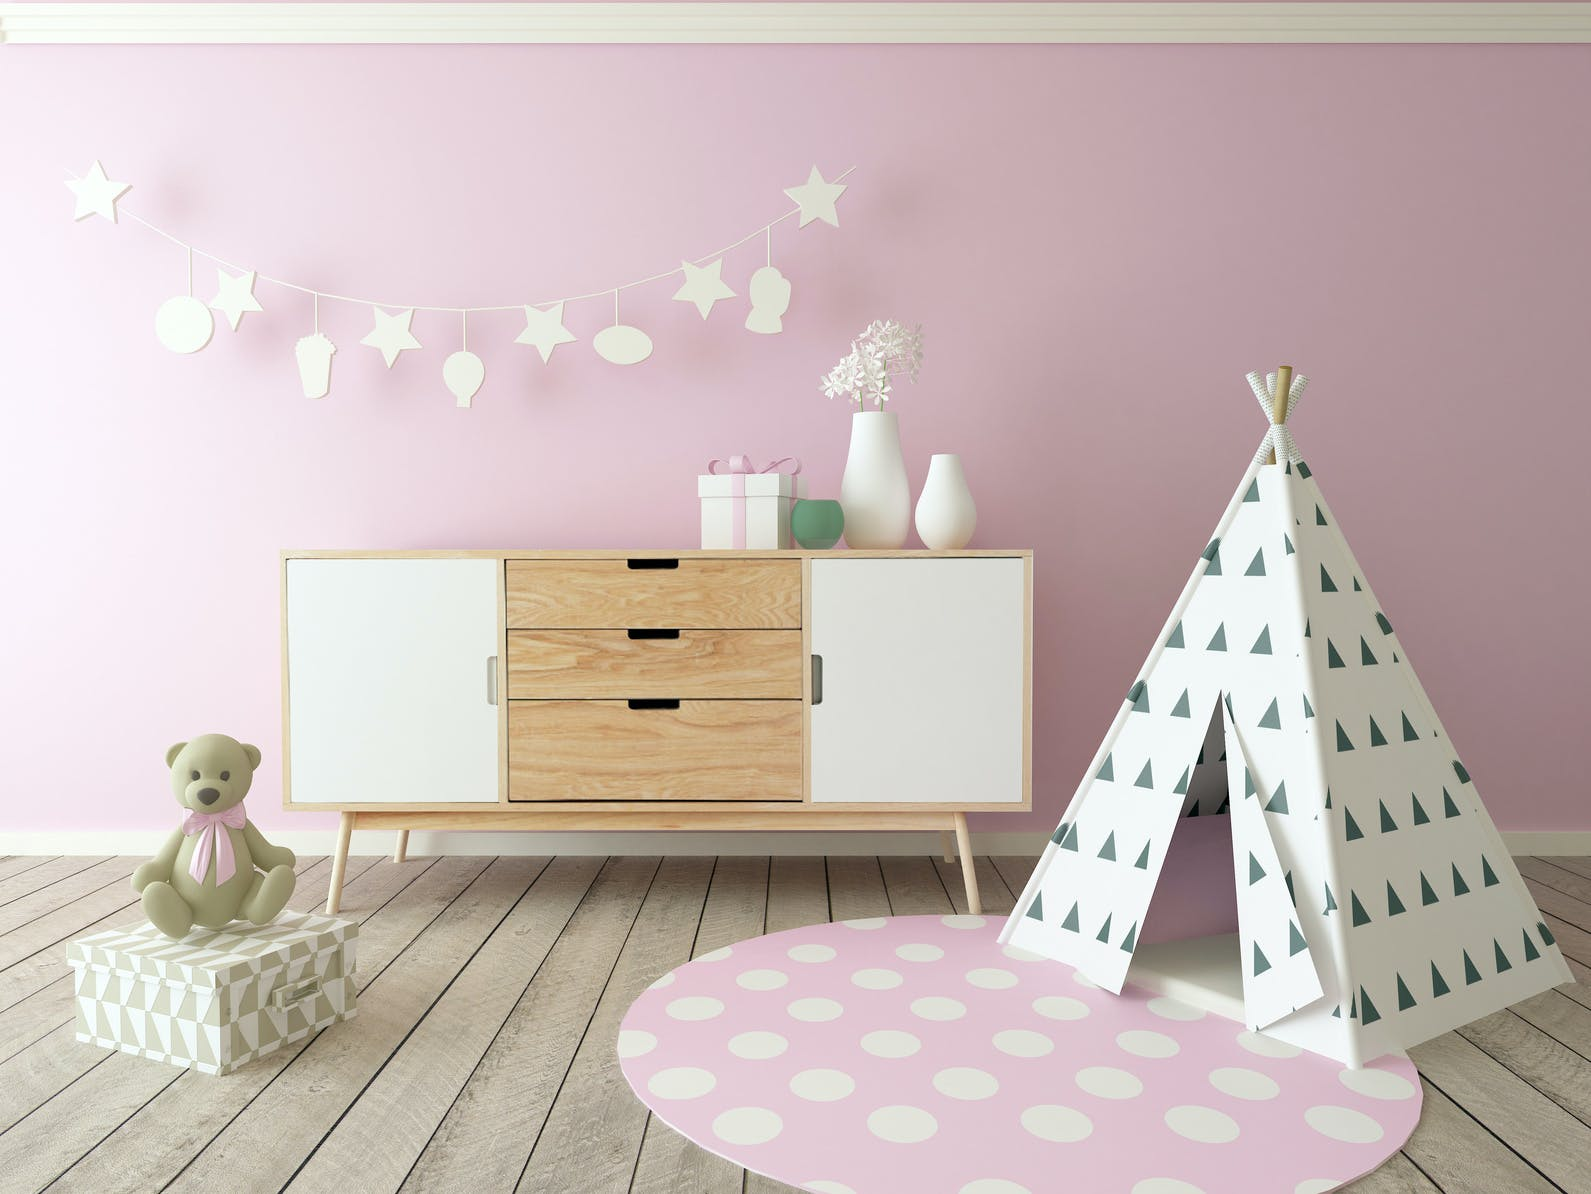 Deco Petite Chambre Enfant déco : la tendance pastel pour une chambre d'enfant | parents.fr